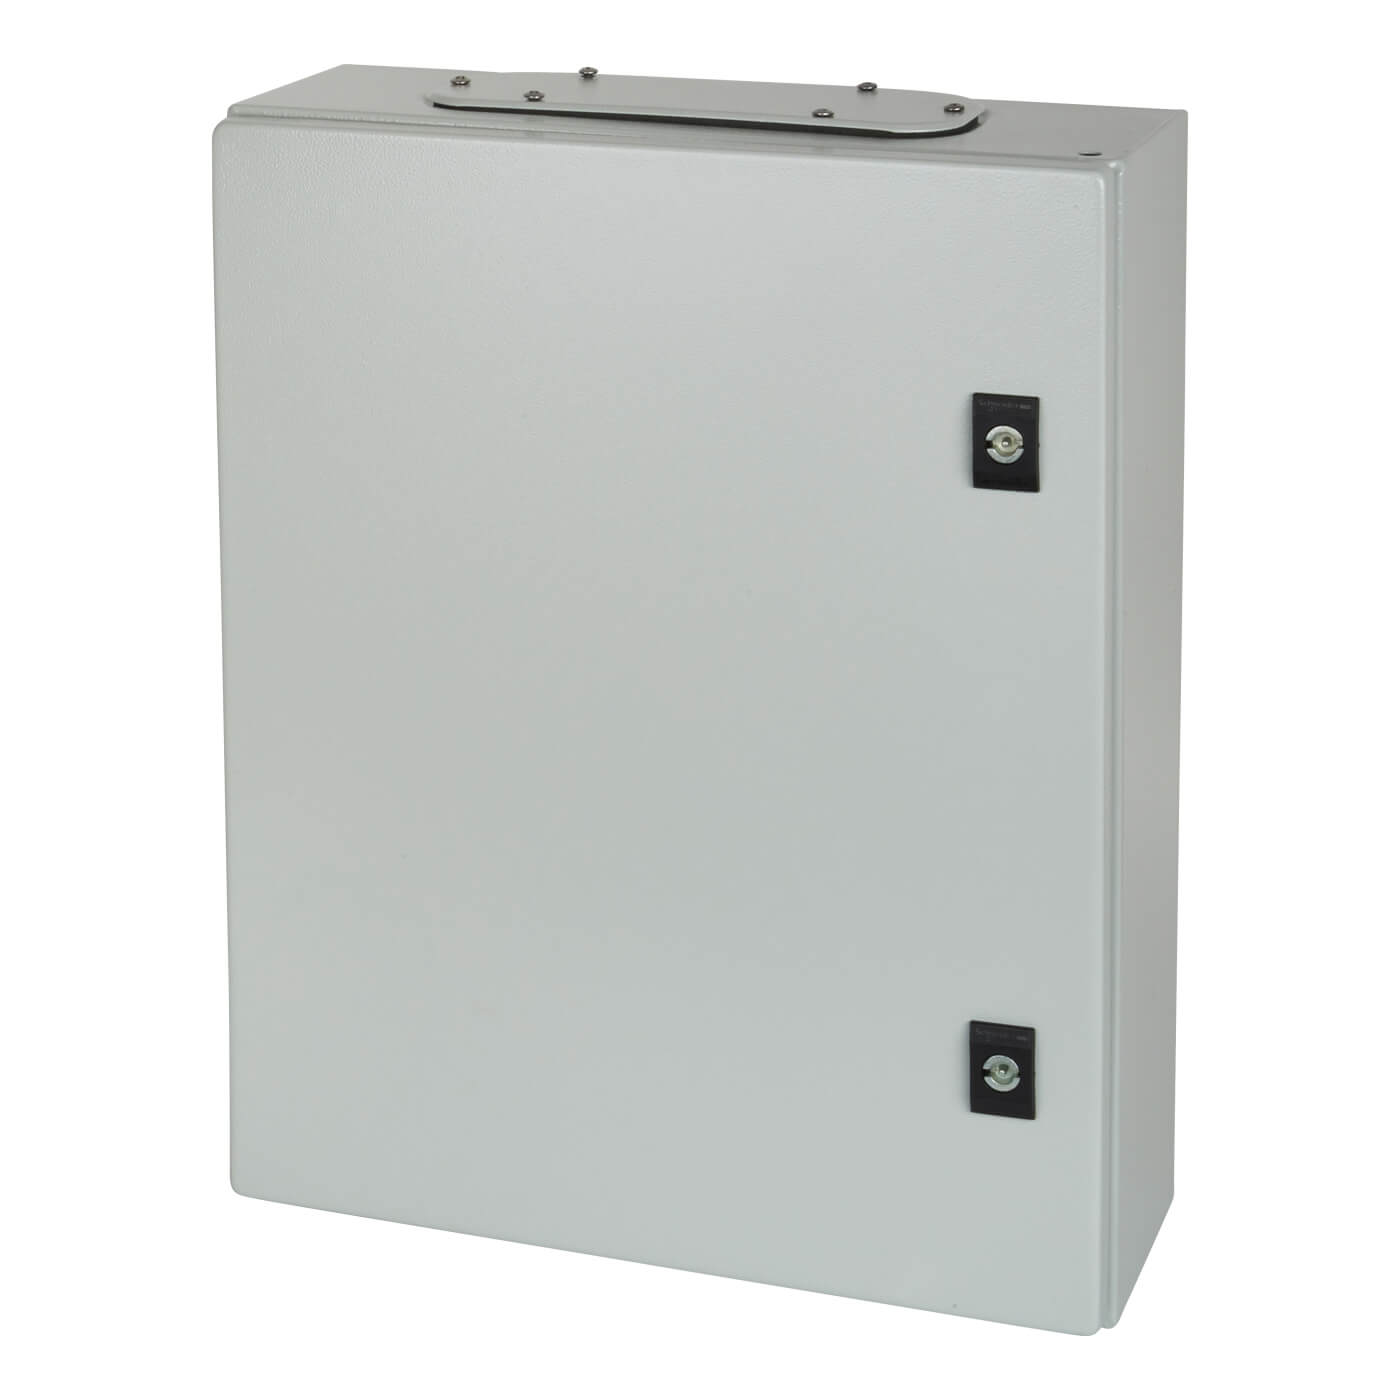 Schneider Metal Enclosure 800 X 600 X 200mm